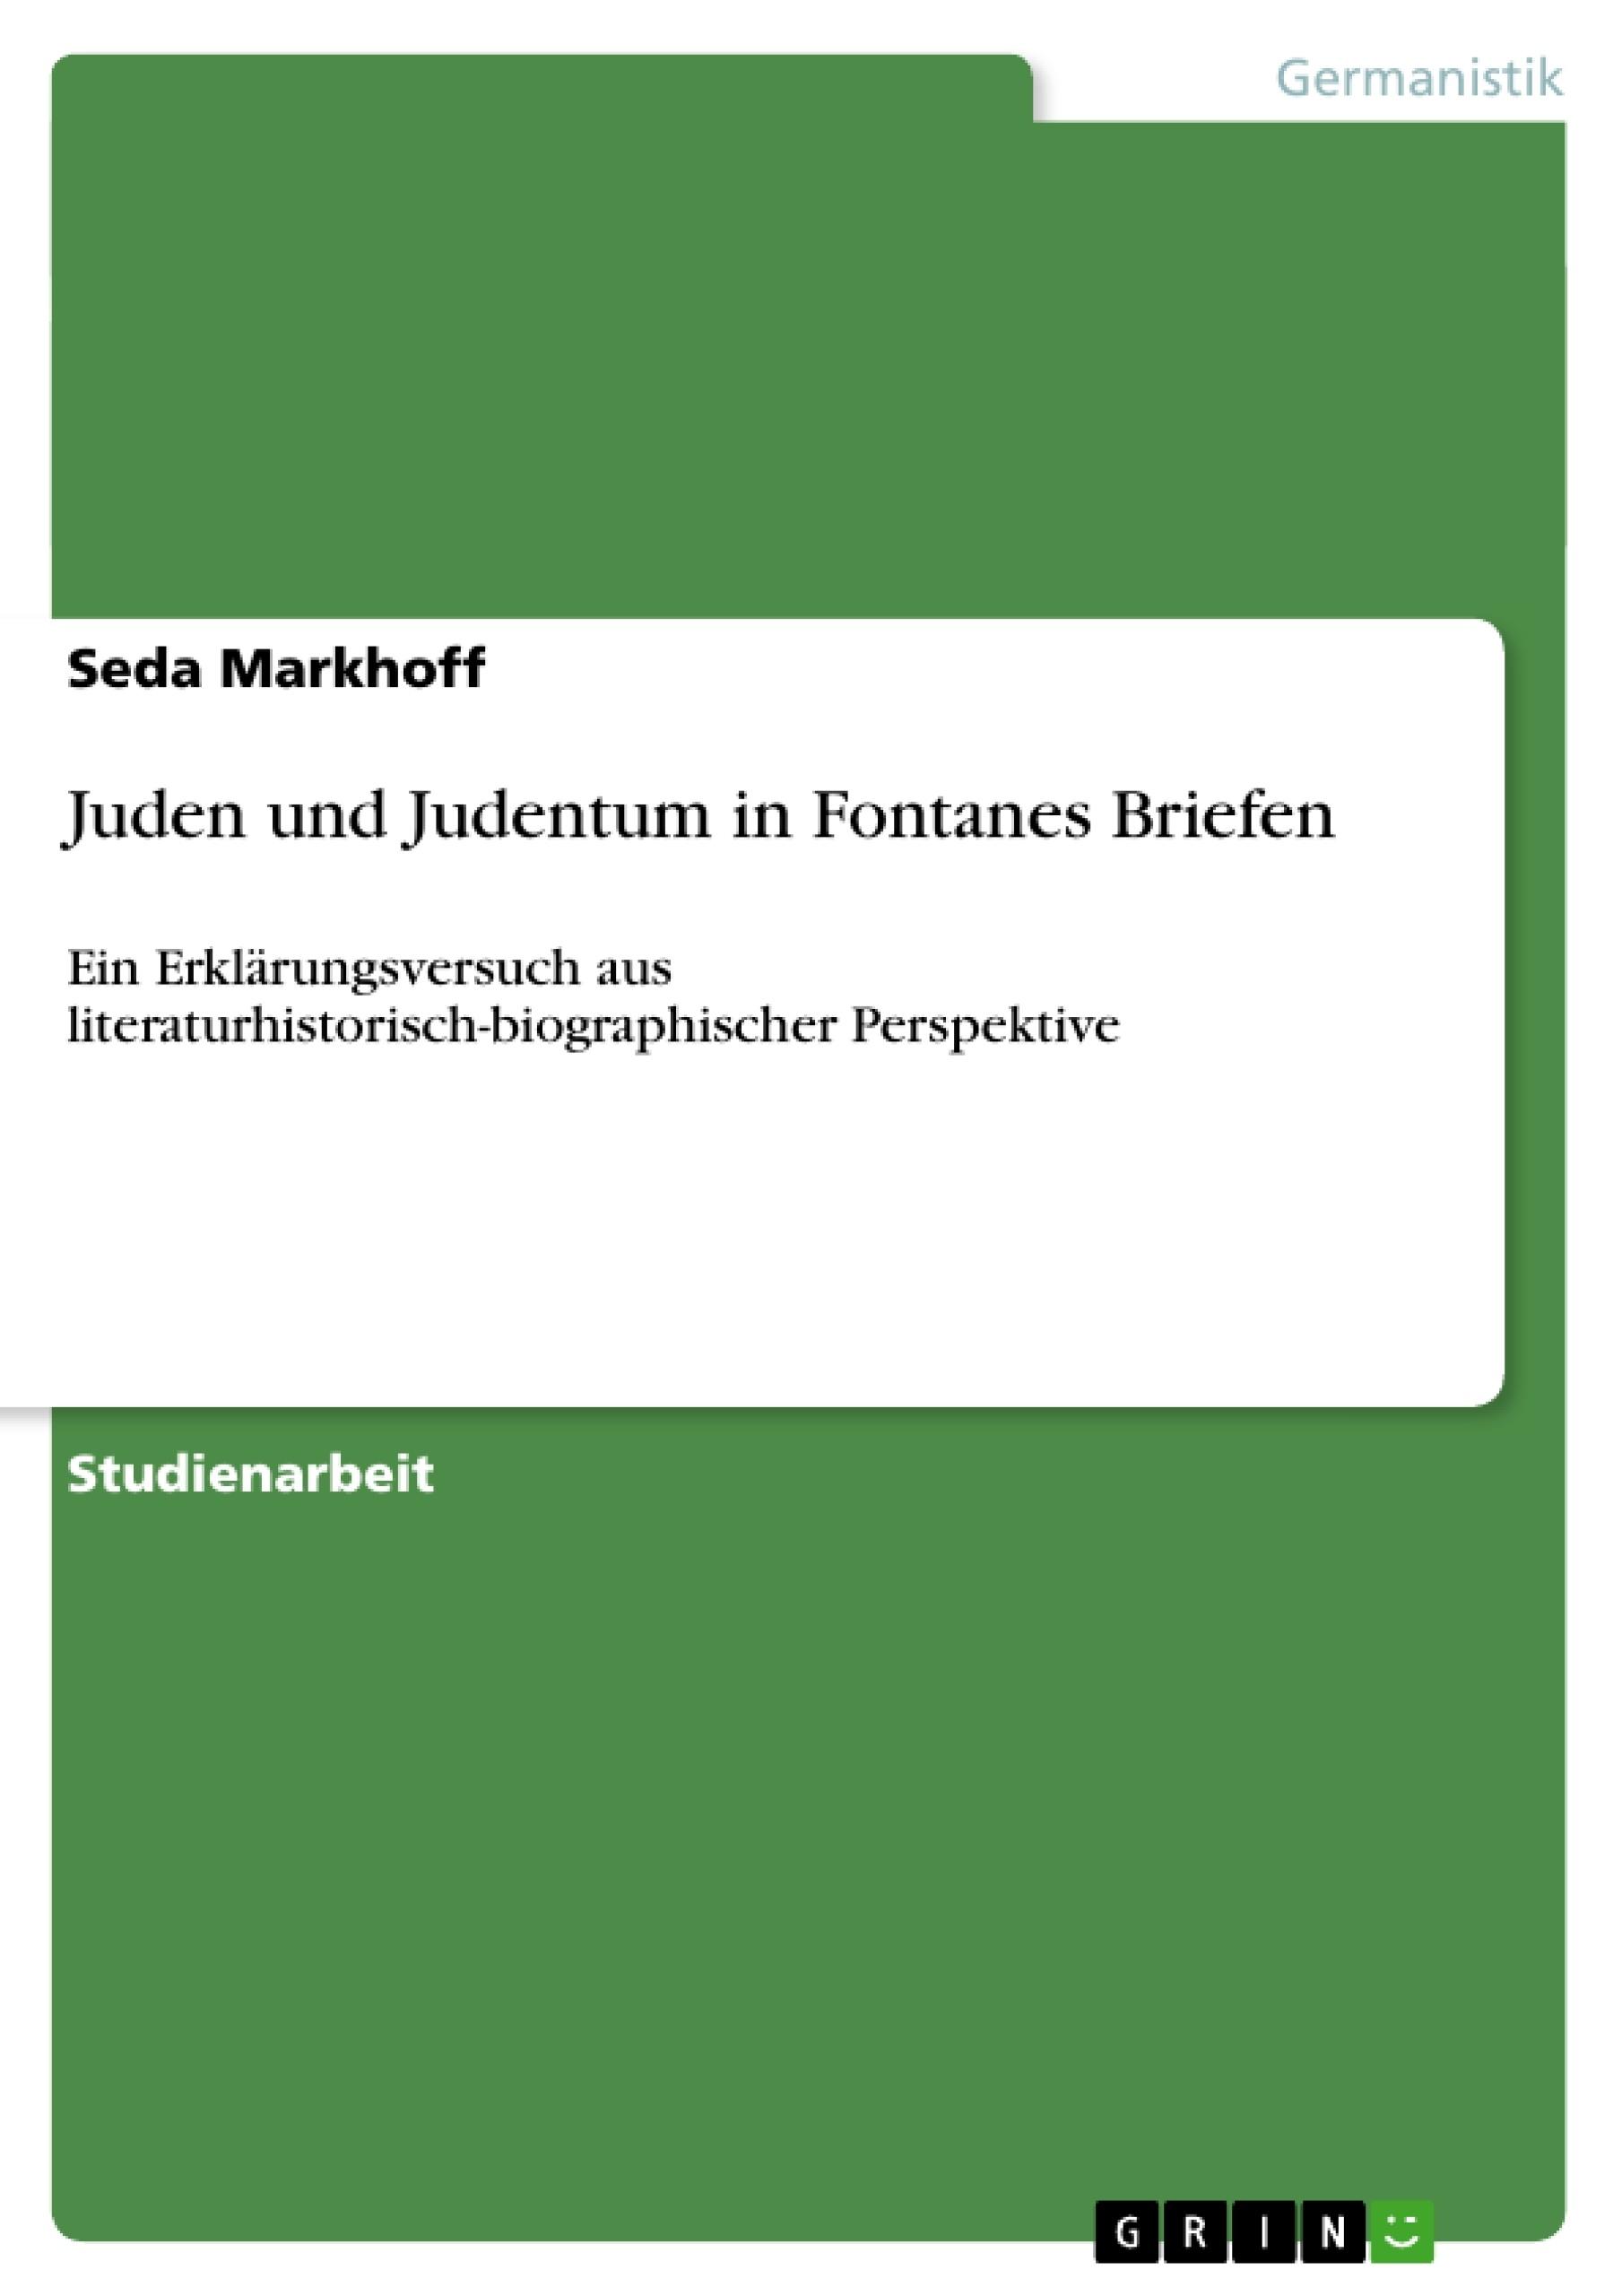 Titel: Juden und Judentum in Fontanes Briefen